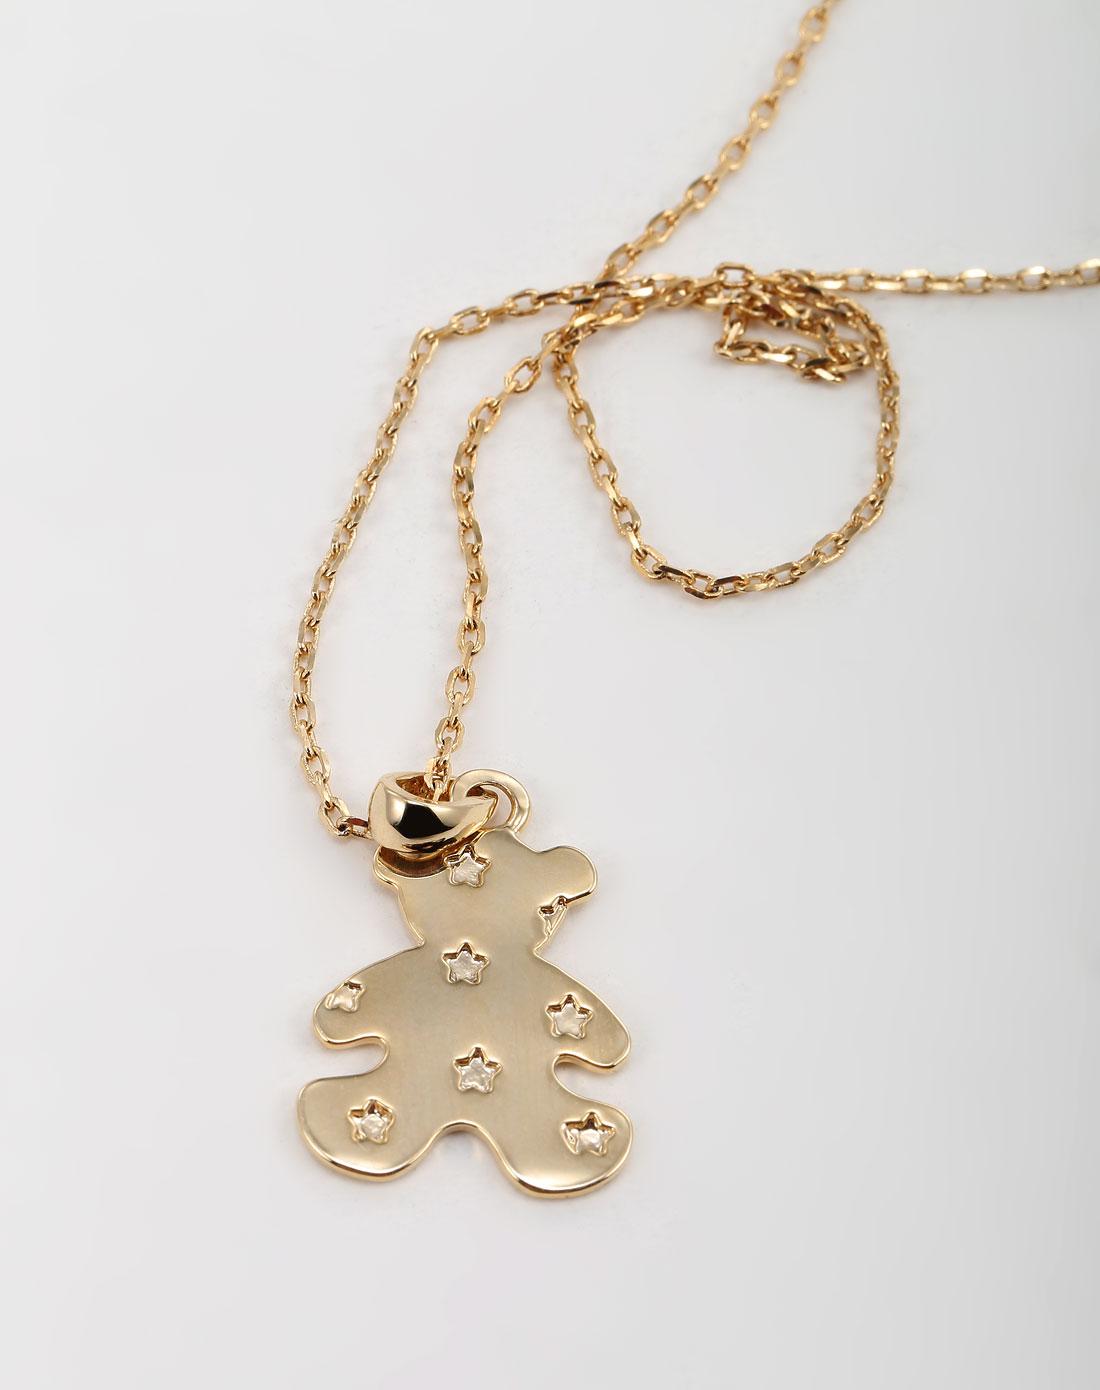 可爱挂饰金色合金项链